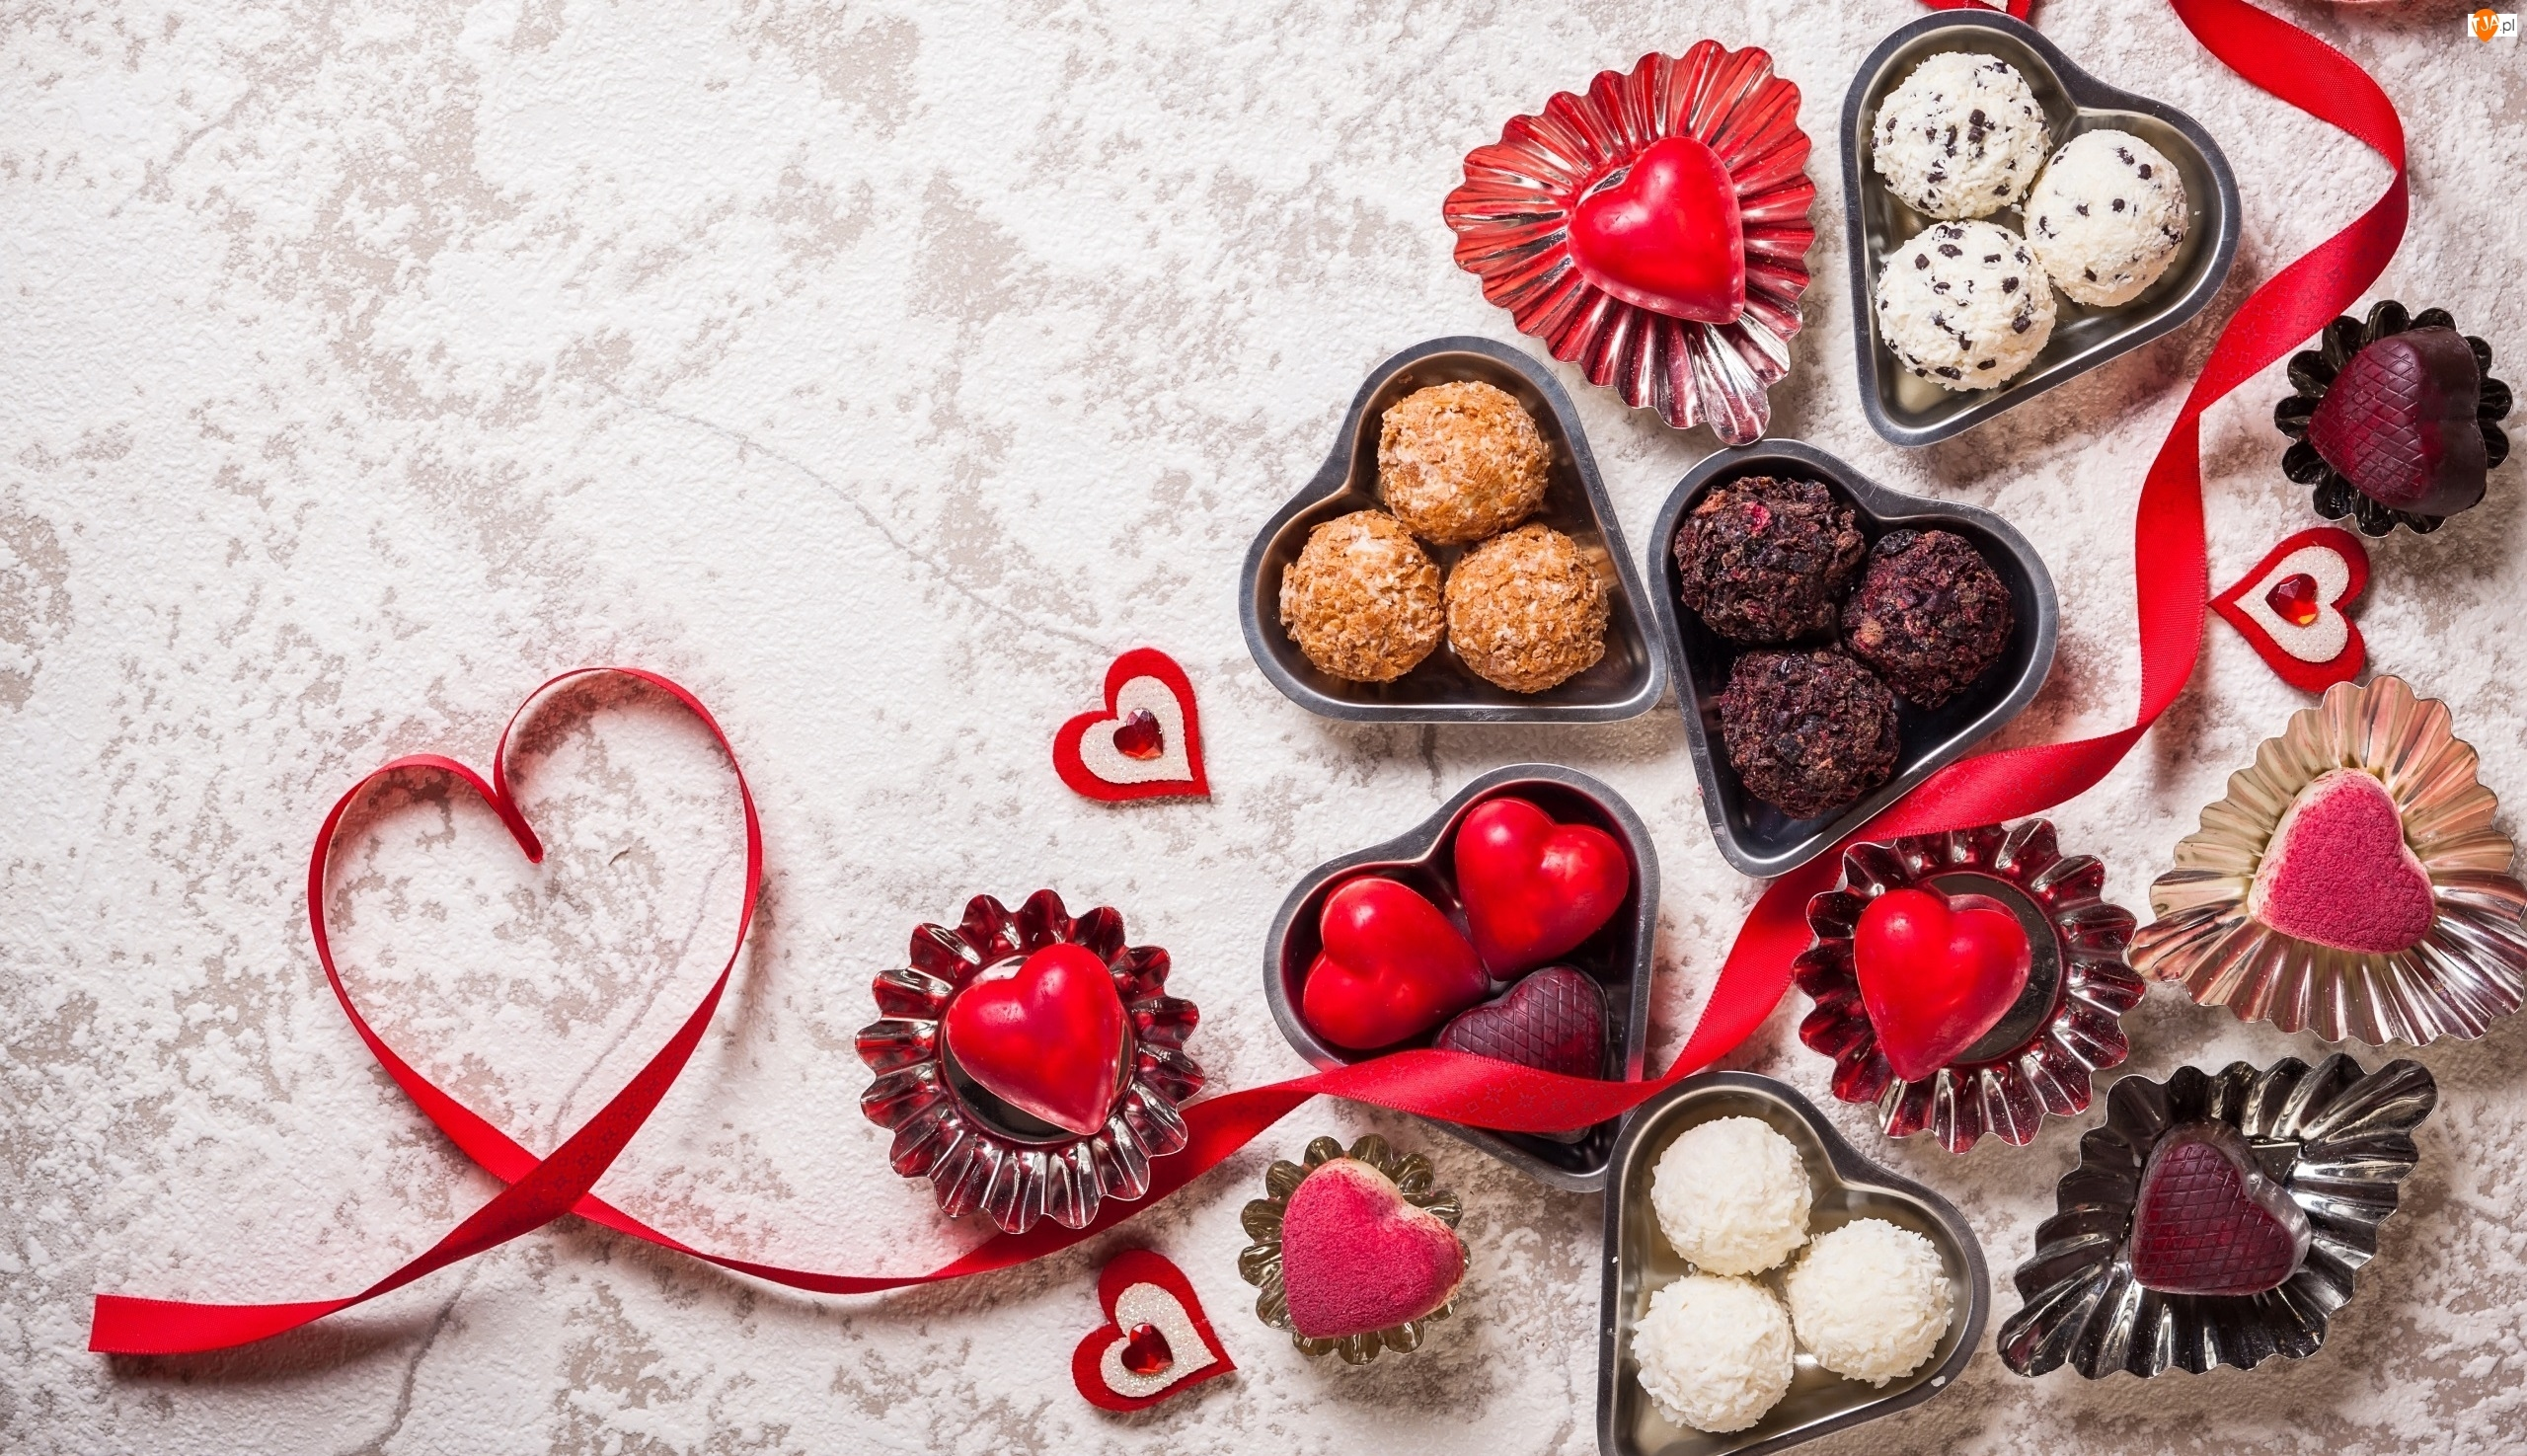 Wstążka, Walentynki, Słodycze, Czekoladki, Serduszka